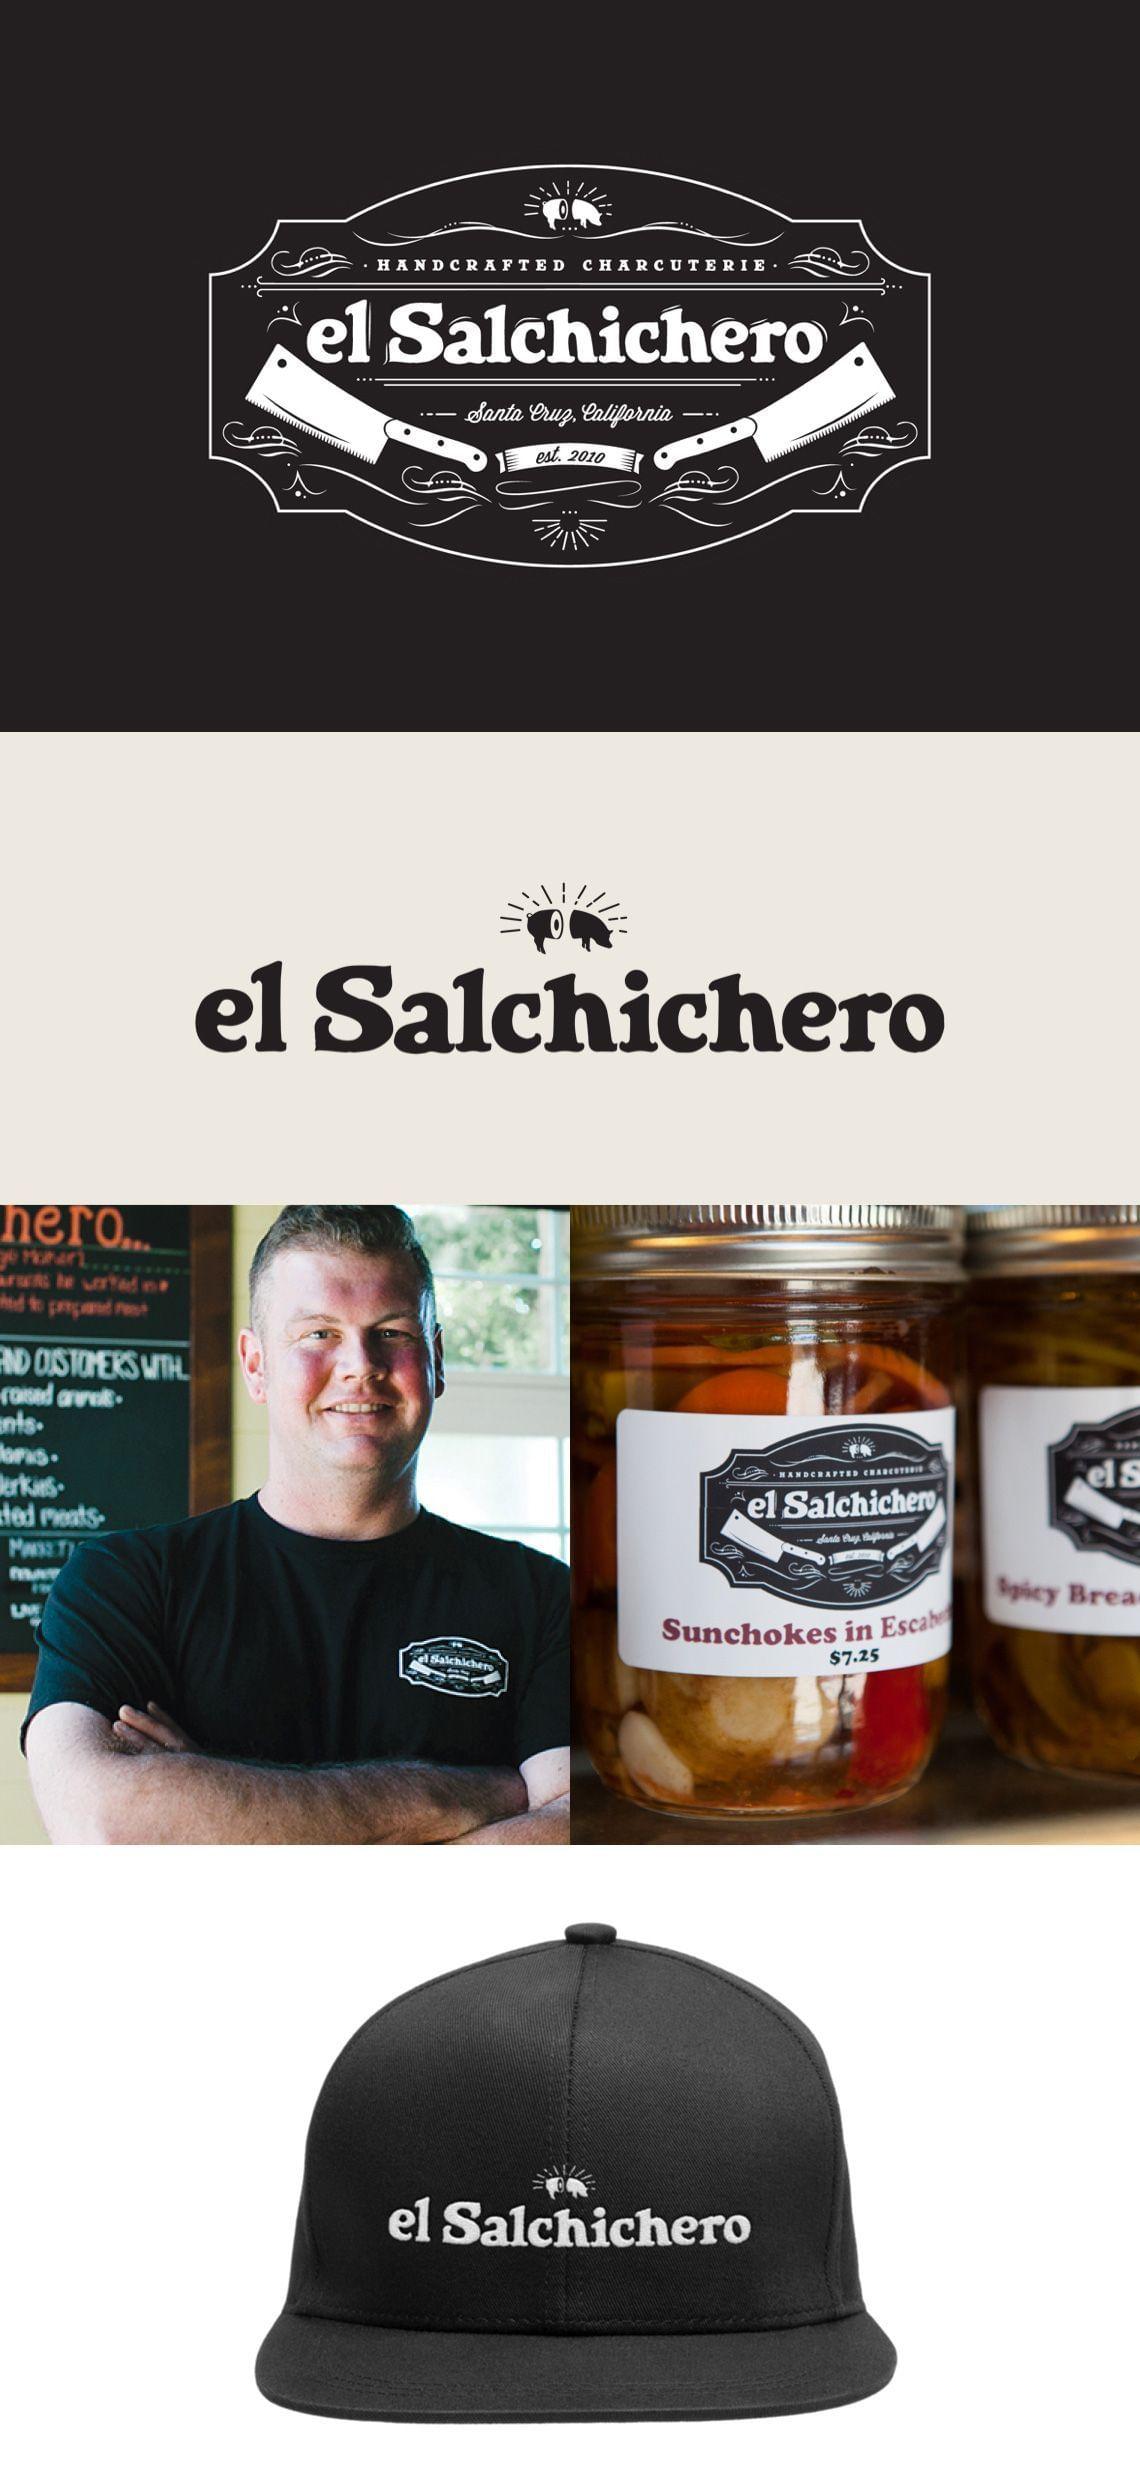 el Salchichero - Branding